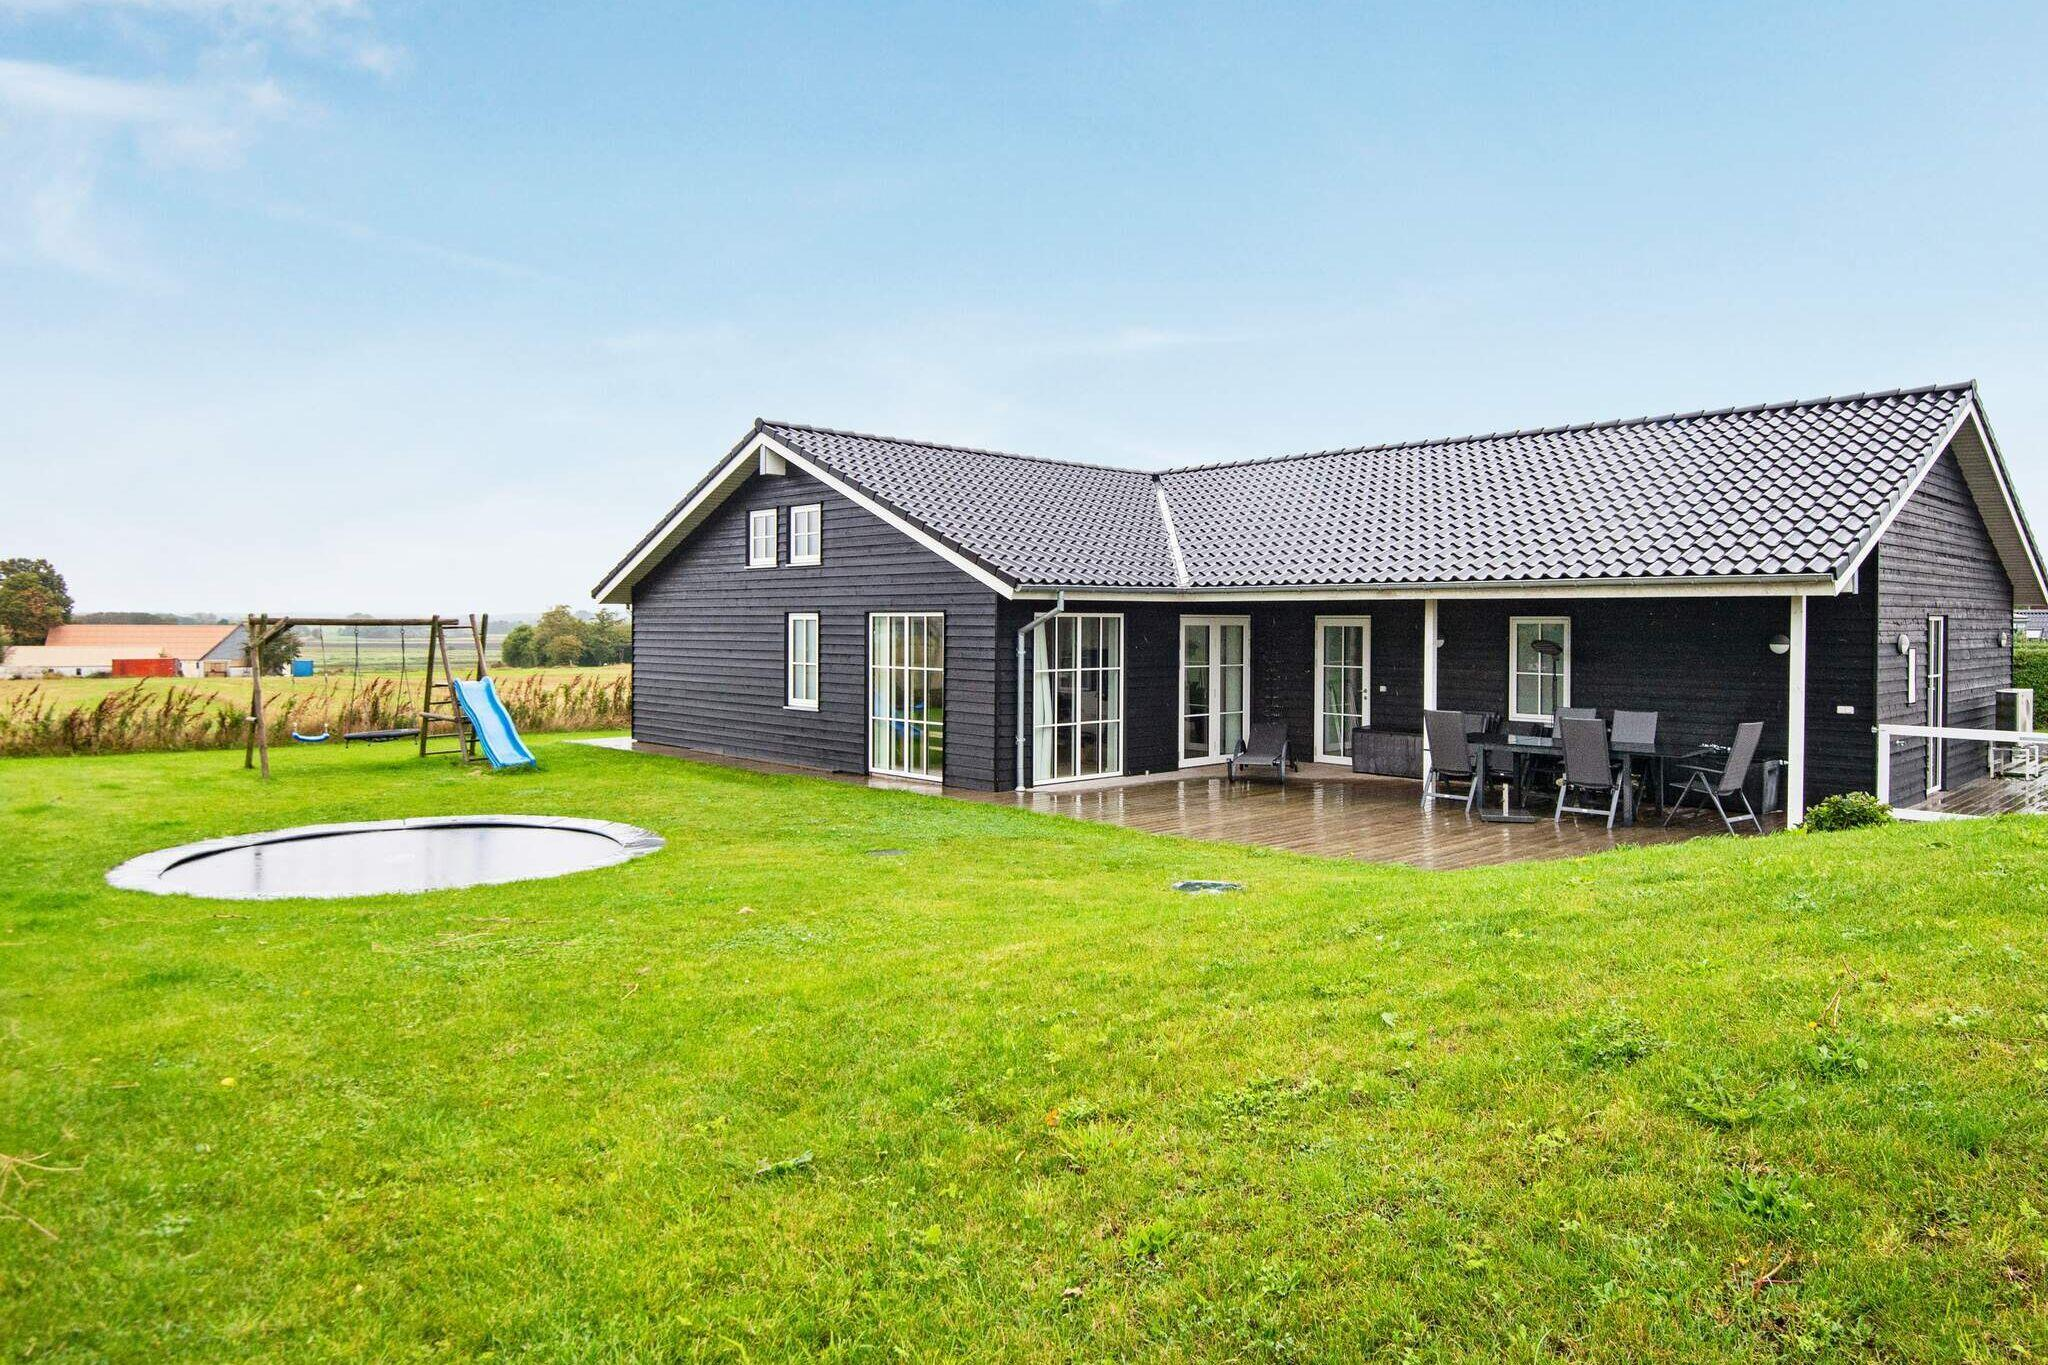 Ferienhaus in Ebeltoft für 12 Personen